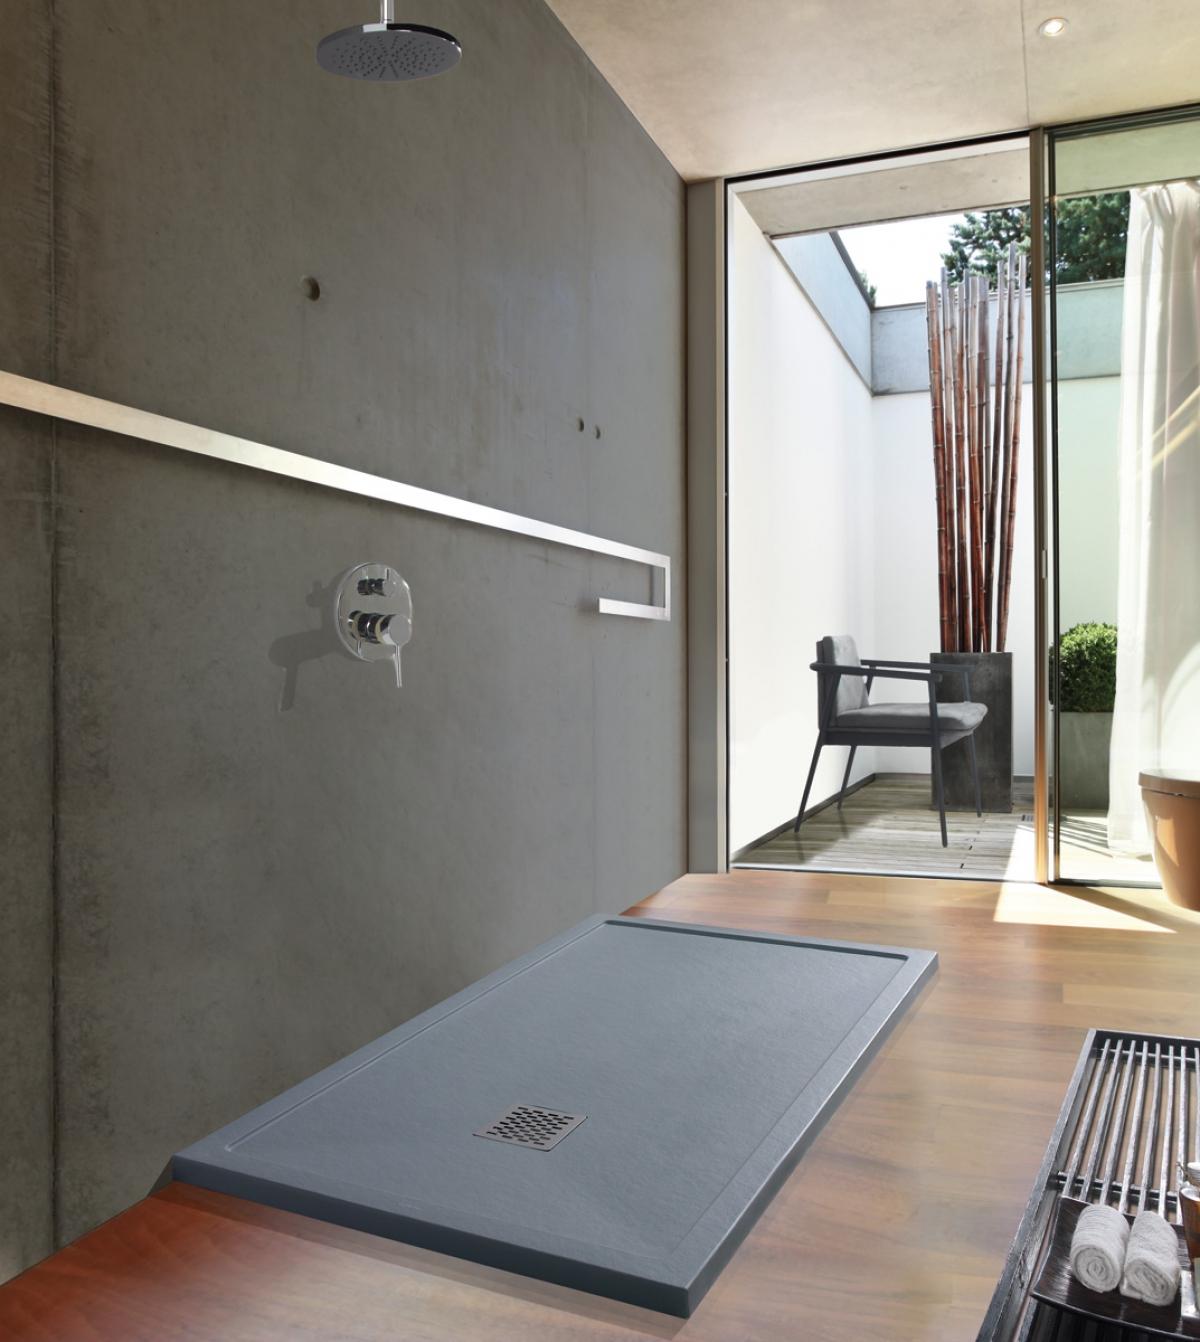 Receveur de douche ares aquacento induscabel salle de for Ares accessoires de cuisine